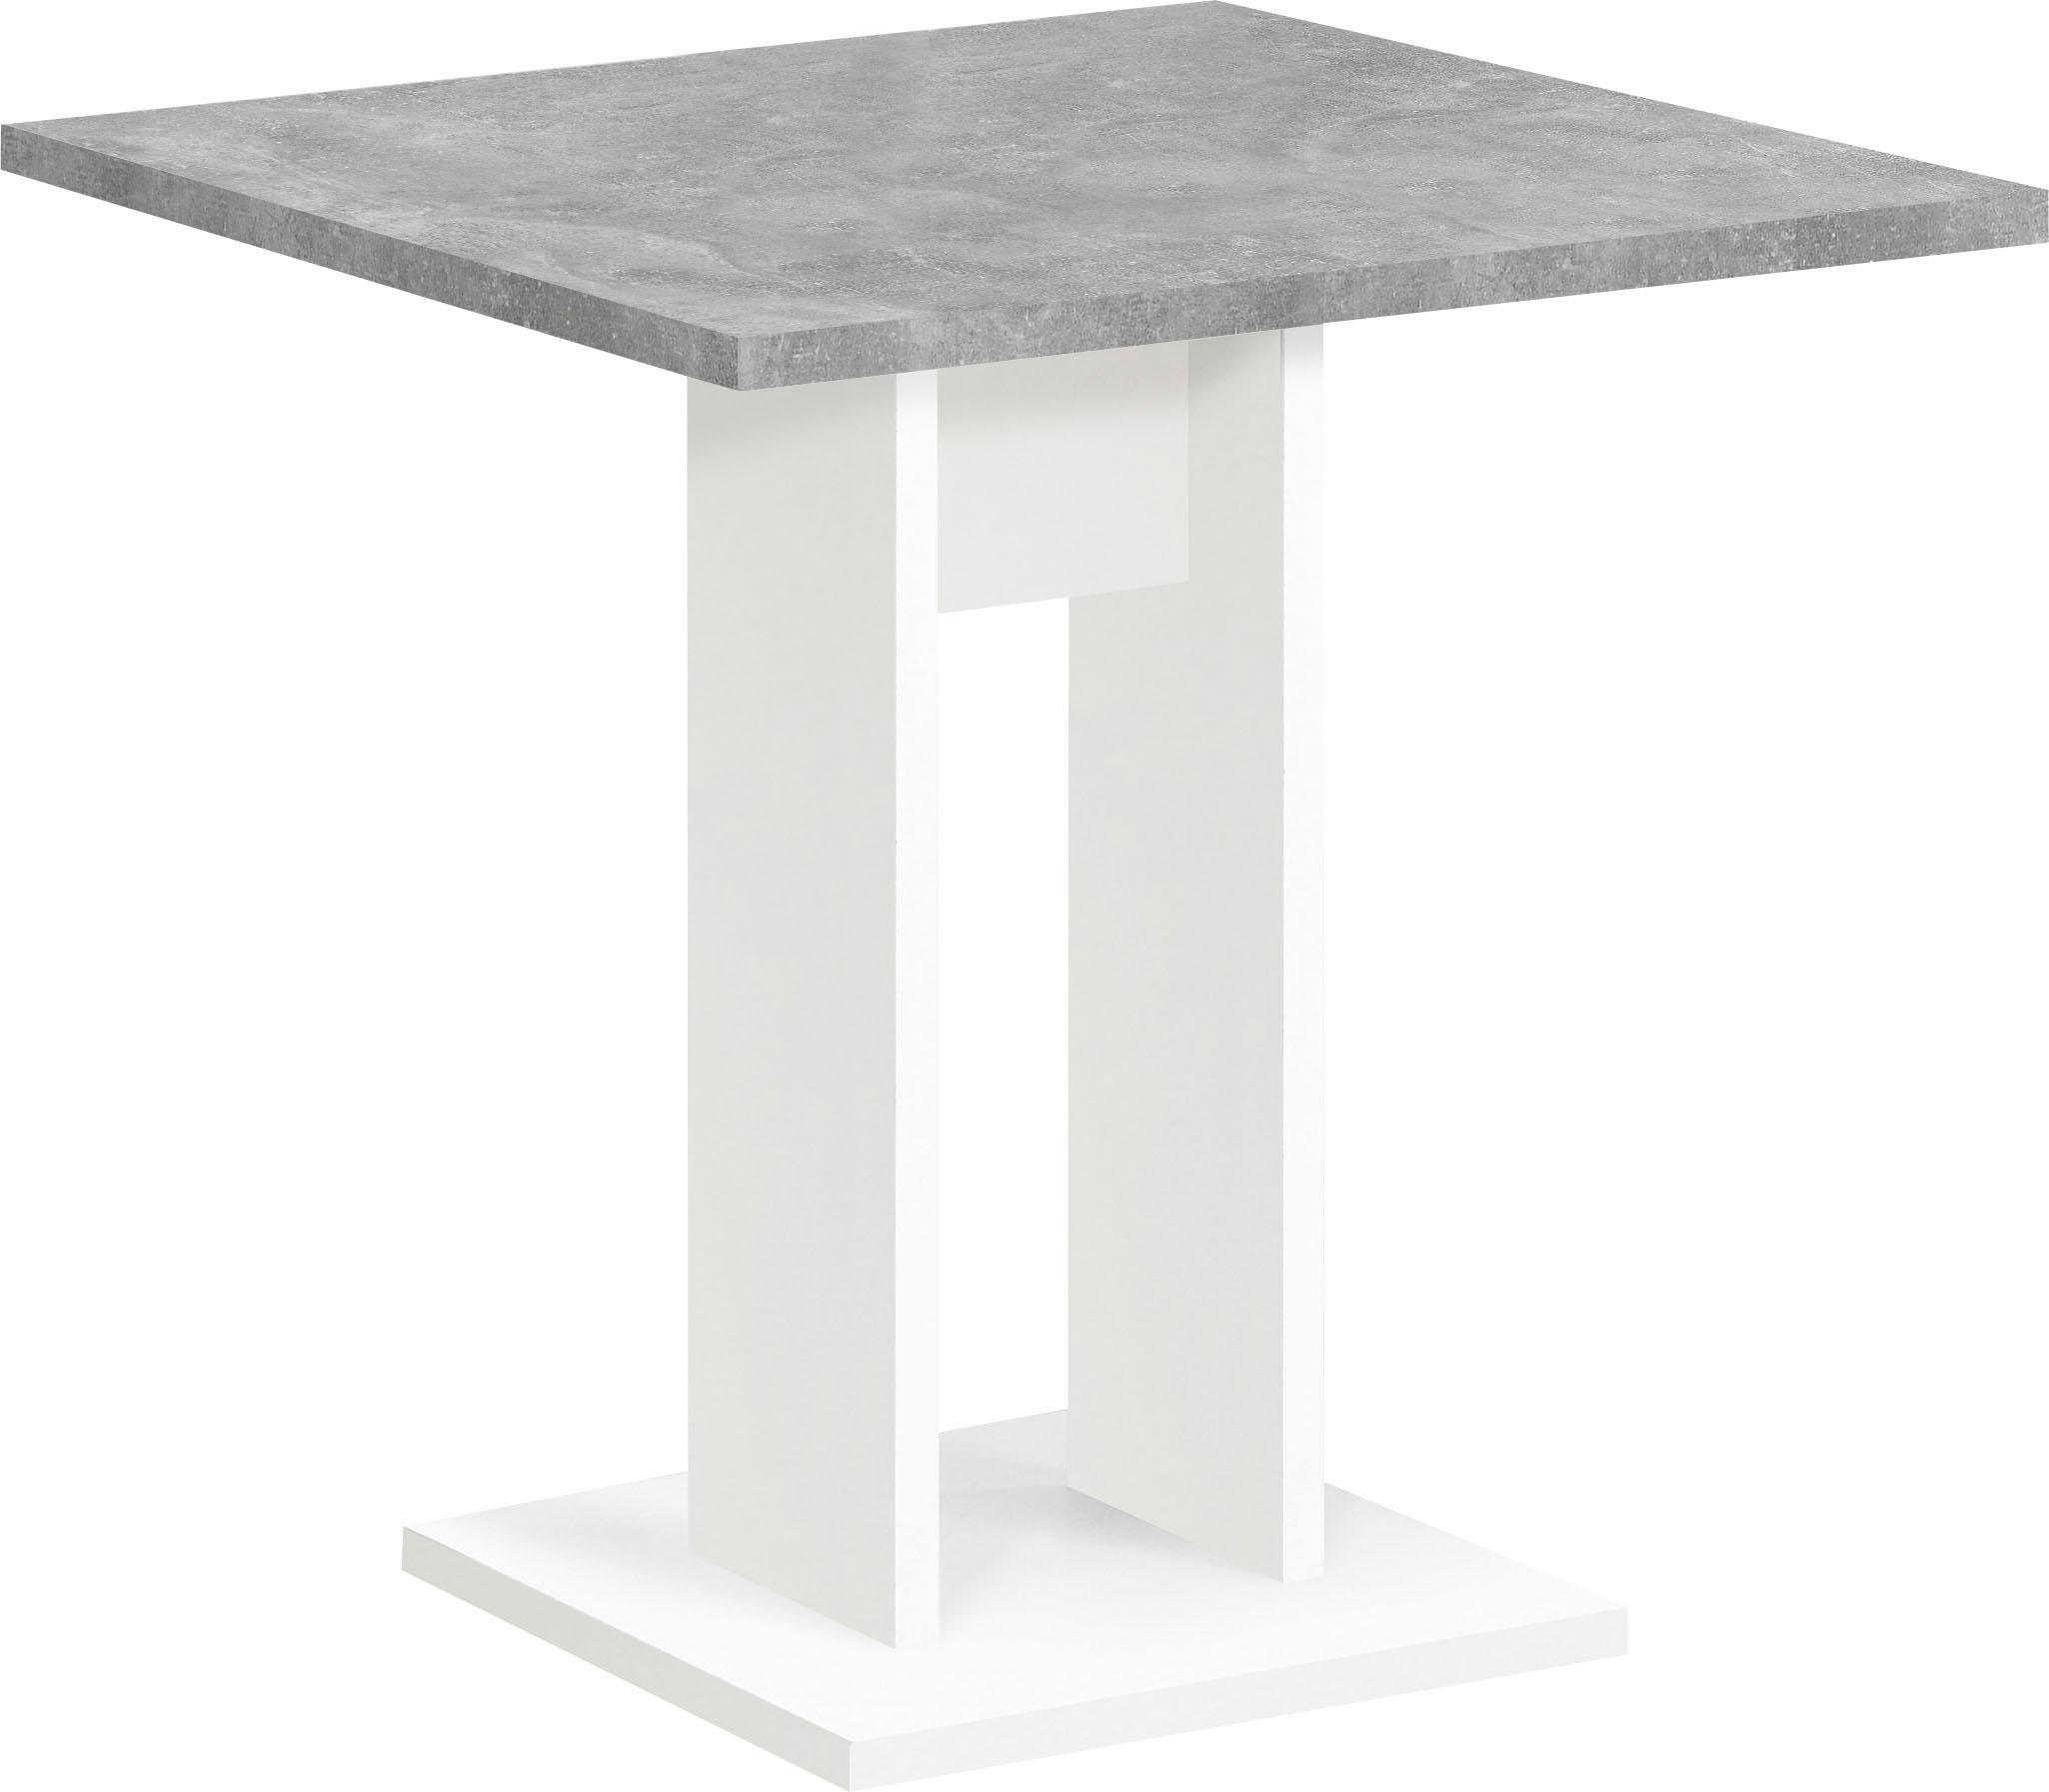 FMD Esstisch, Breite 70 cm grau Esstisch Esstische rechteckig Tische